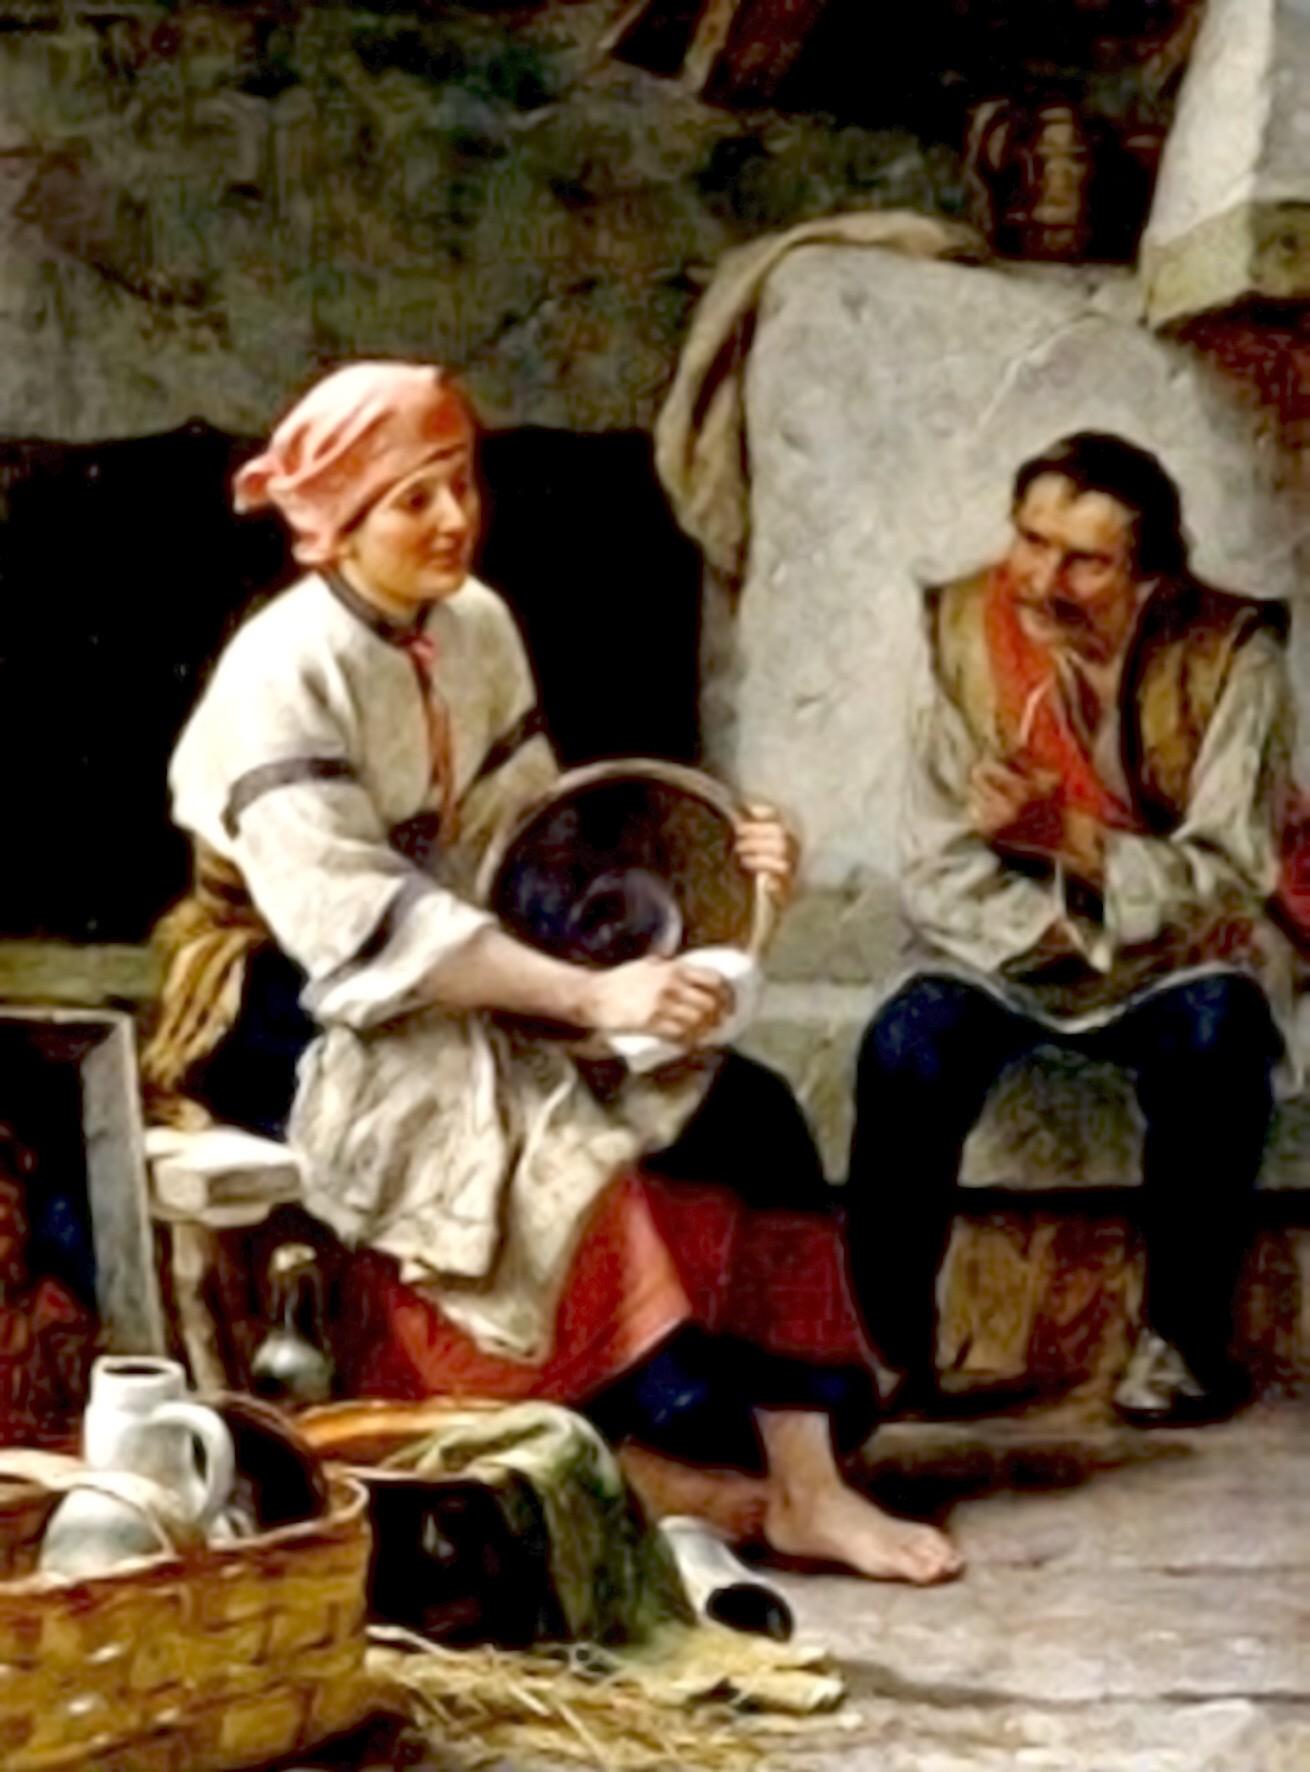 Coliba din Carpaţi (huţulă) – tablou de Julius Zalaty Zuber (1867-1918)